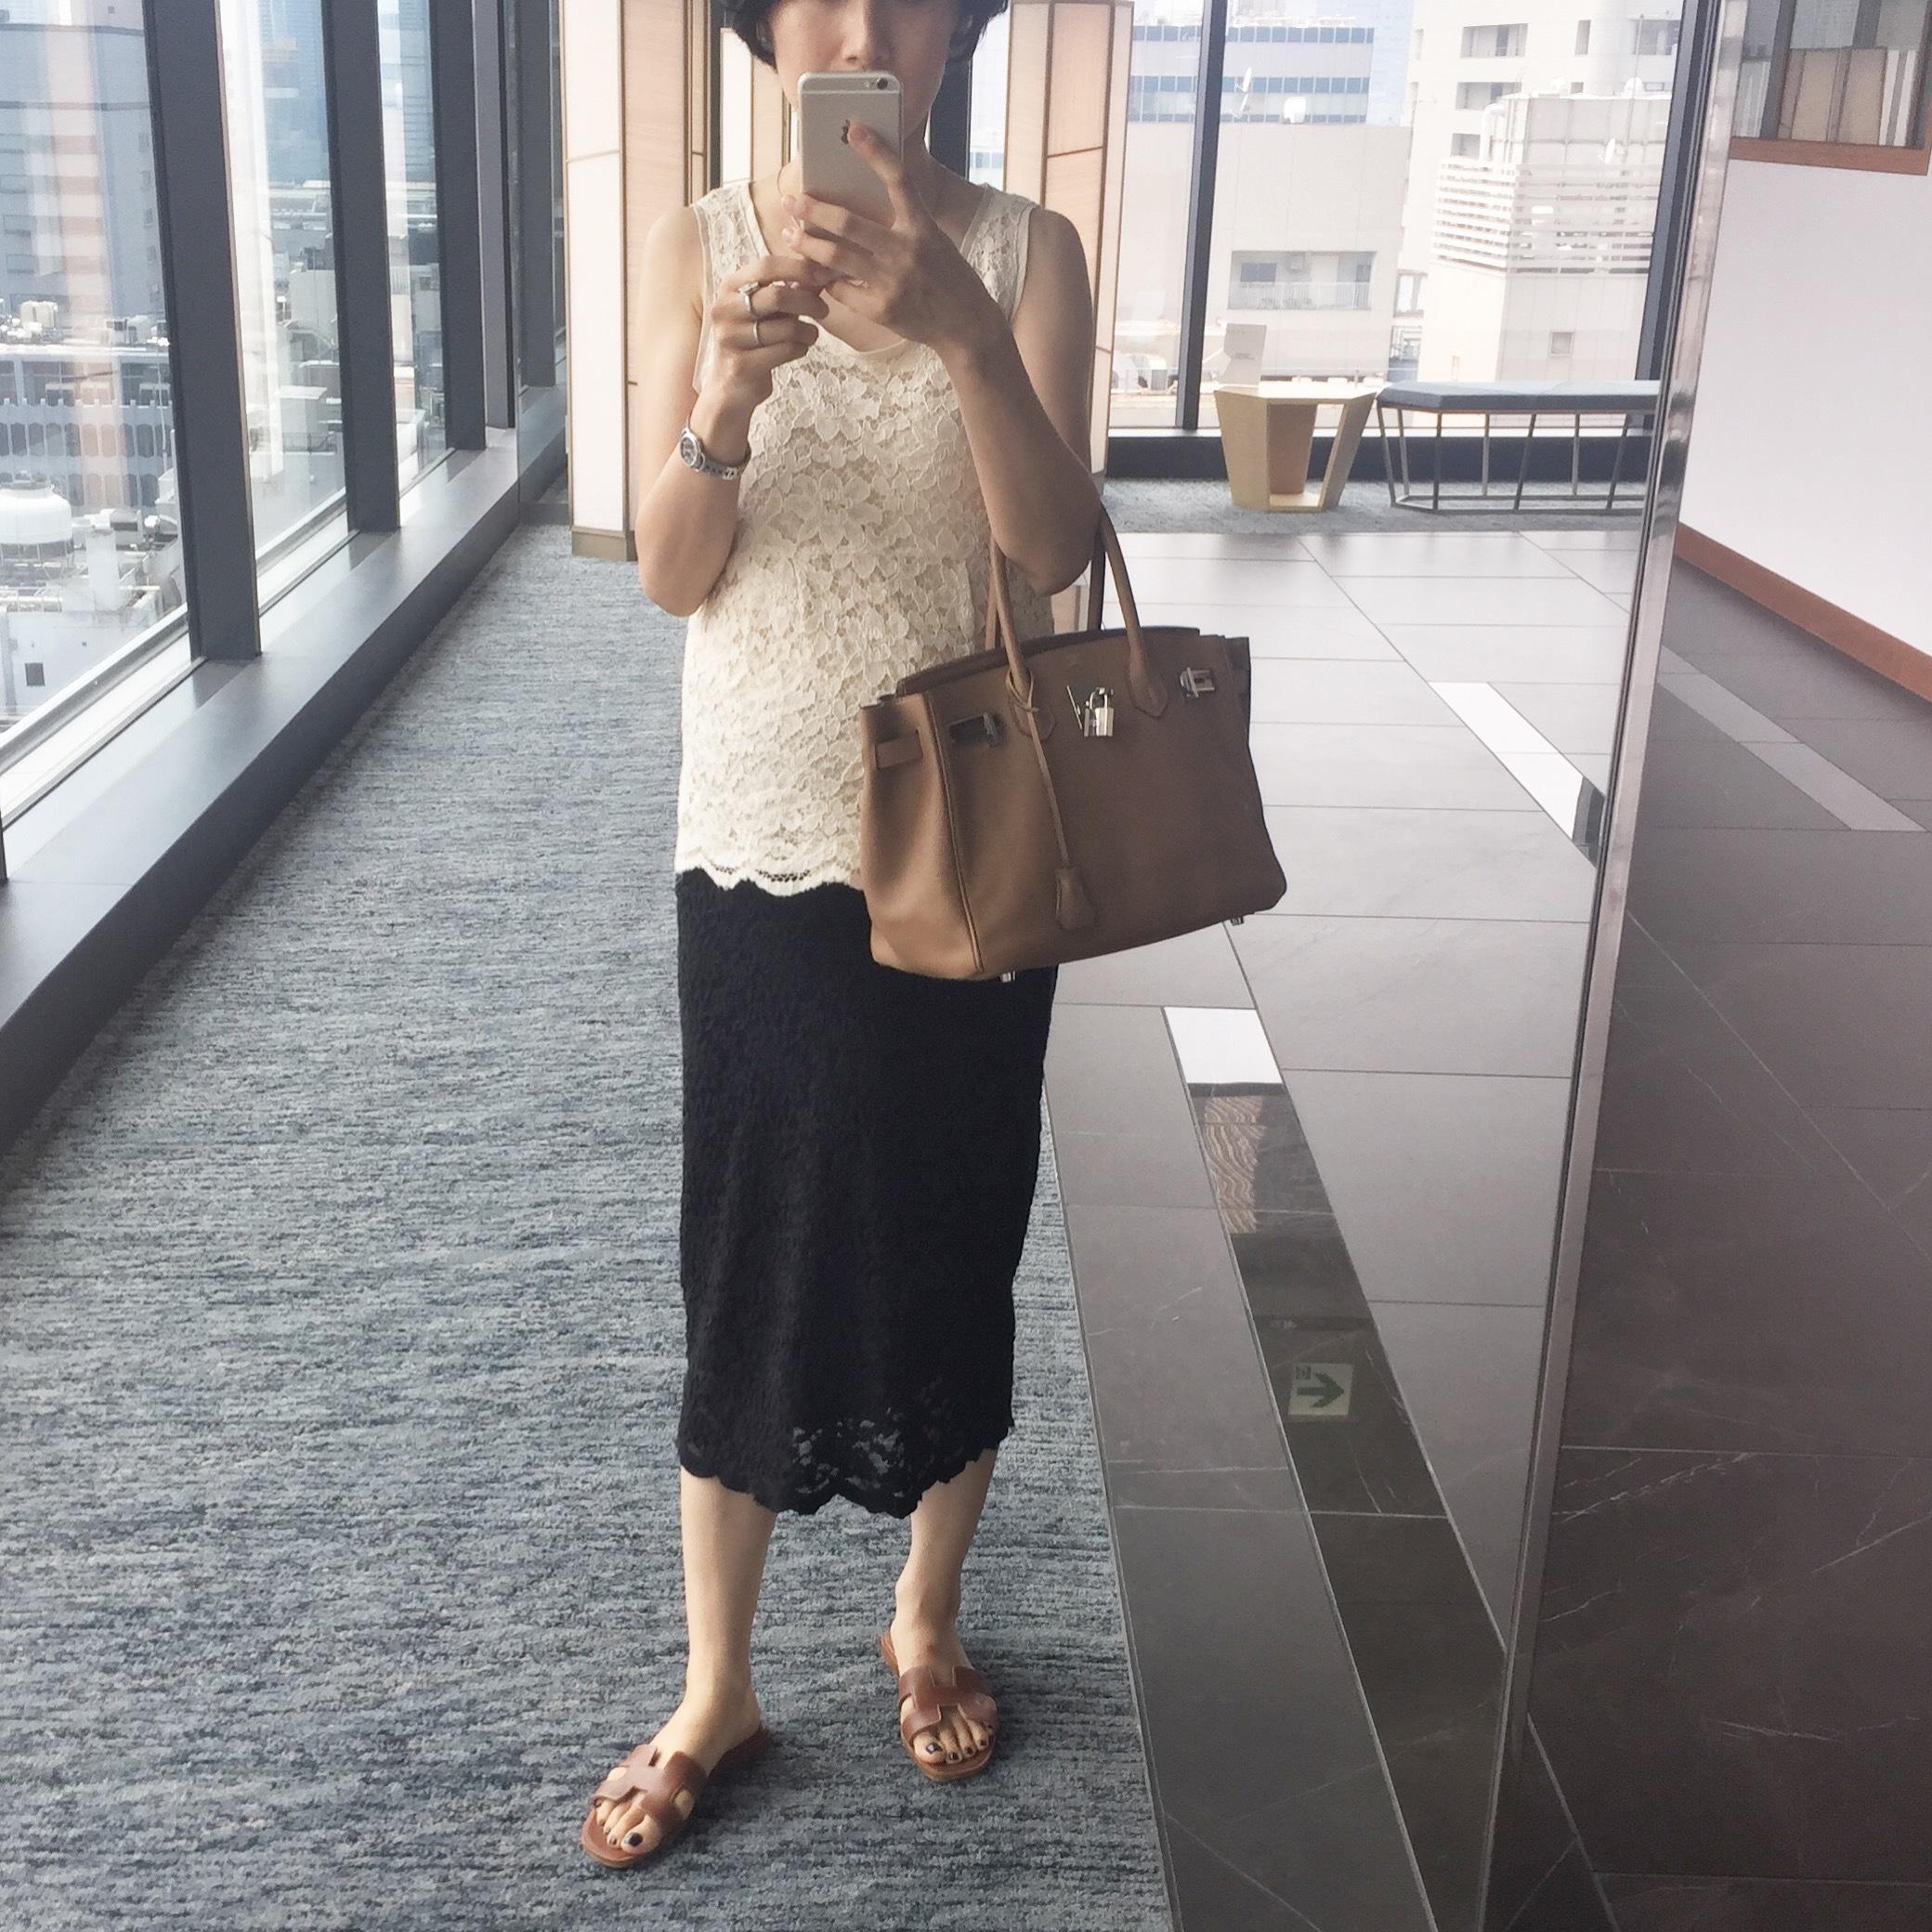 美女組さん真夏のモノトーンコーデ【マリソル美女組ブログPICK UP】_1_1-1